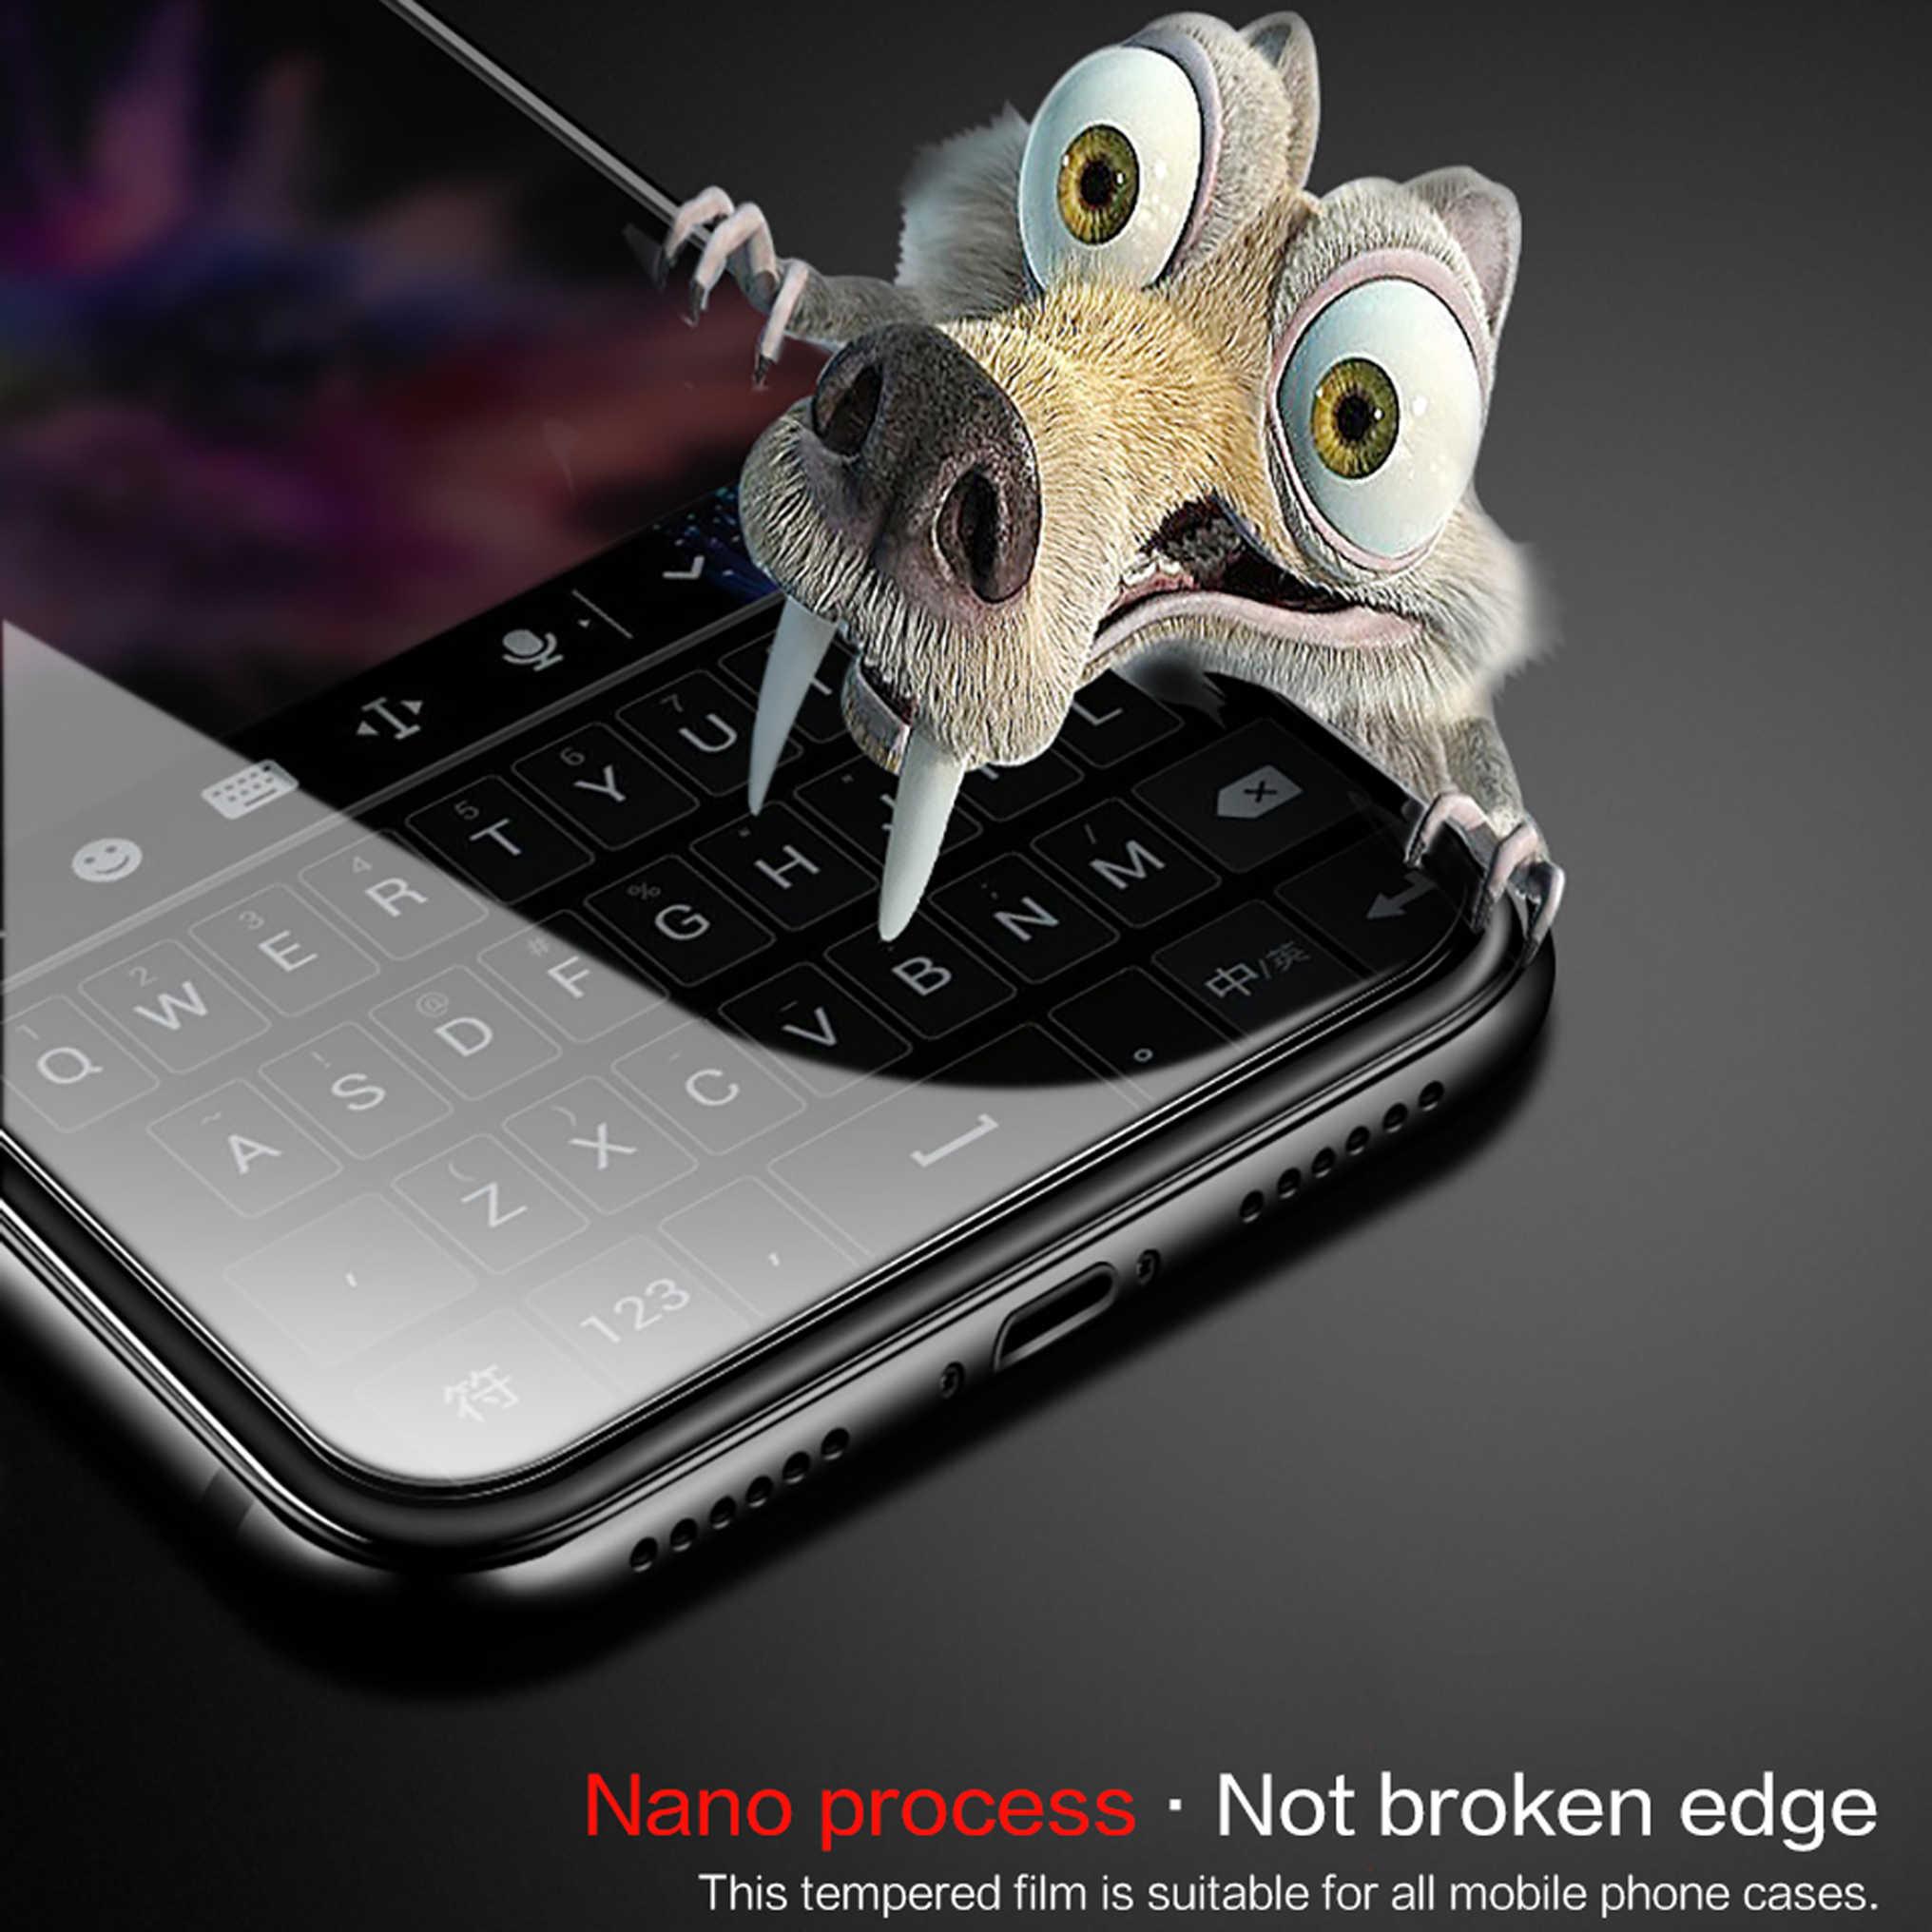 プレミアム強化ガラスフィルムスクリーンプロテクターきれいな布 Huawei 社 G6 G7 G8 G9 名誉 4 5 6 7 5 楽しむ s 6 6 s 3C Lite